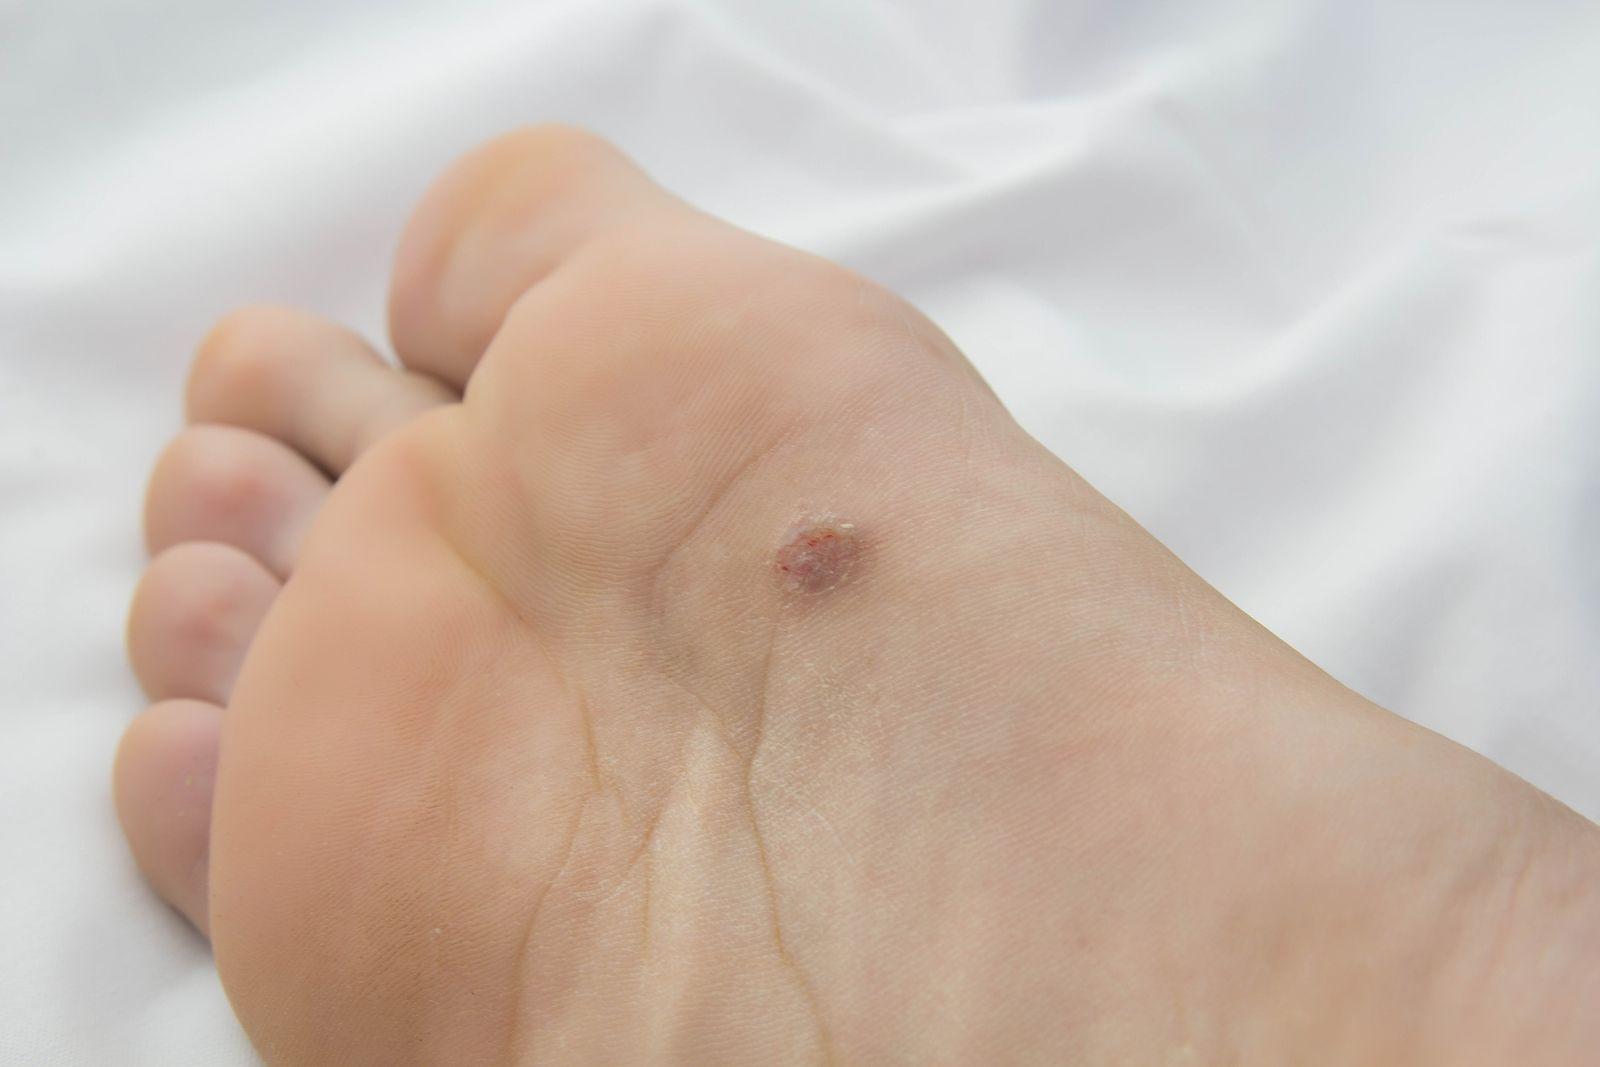 Kalanchoe en el tratamiento del hongo de las uñas, período de incubación del hongo del pie